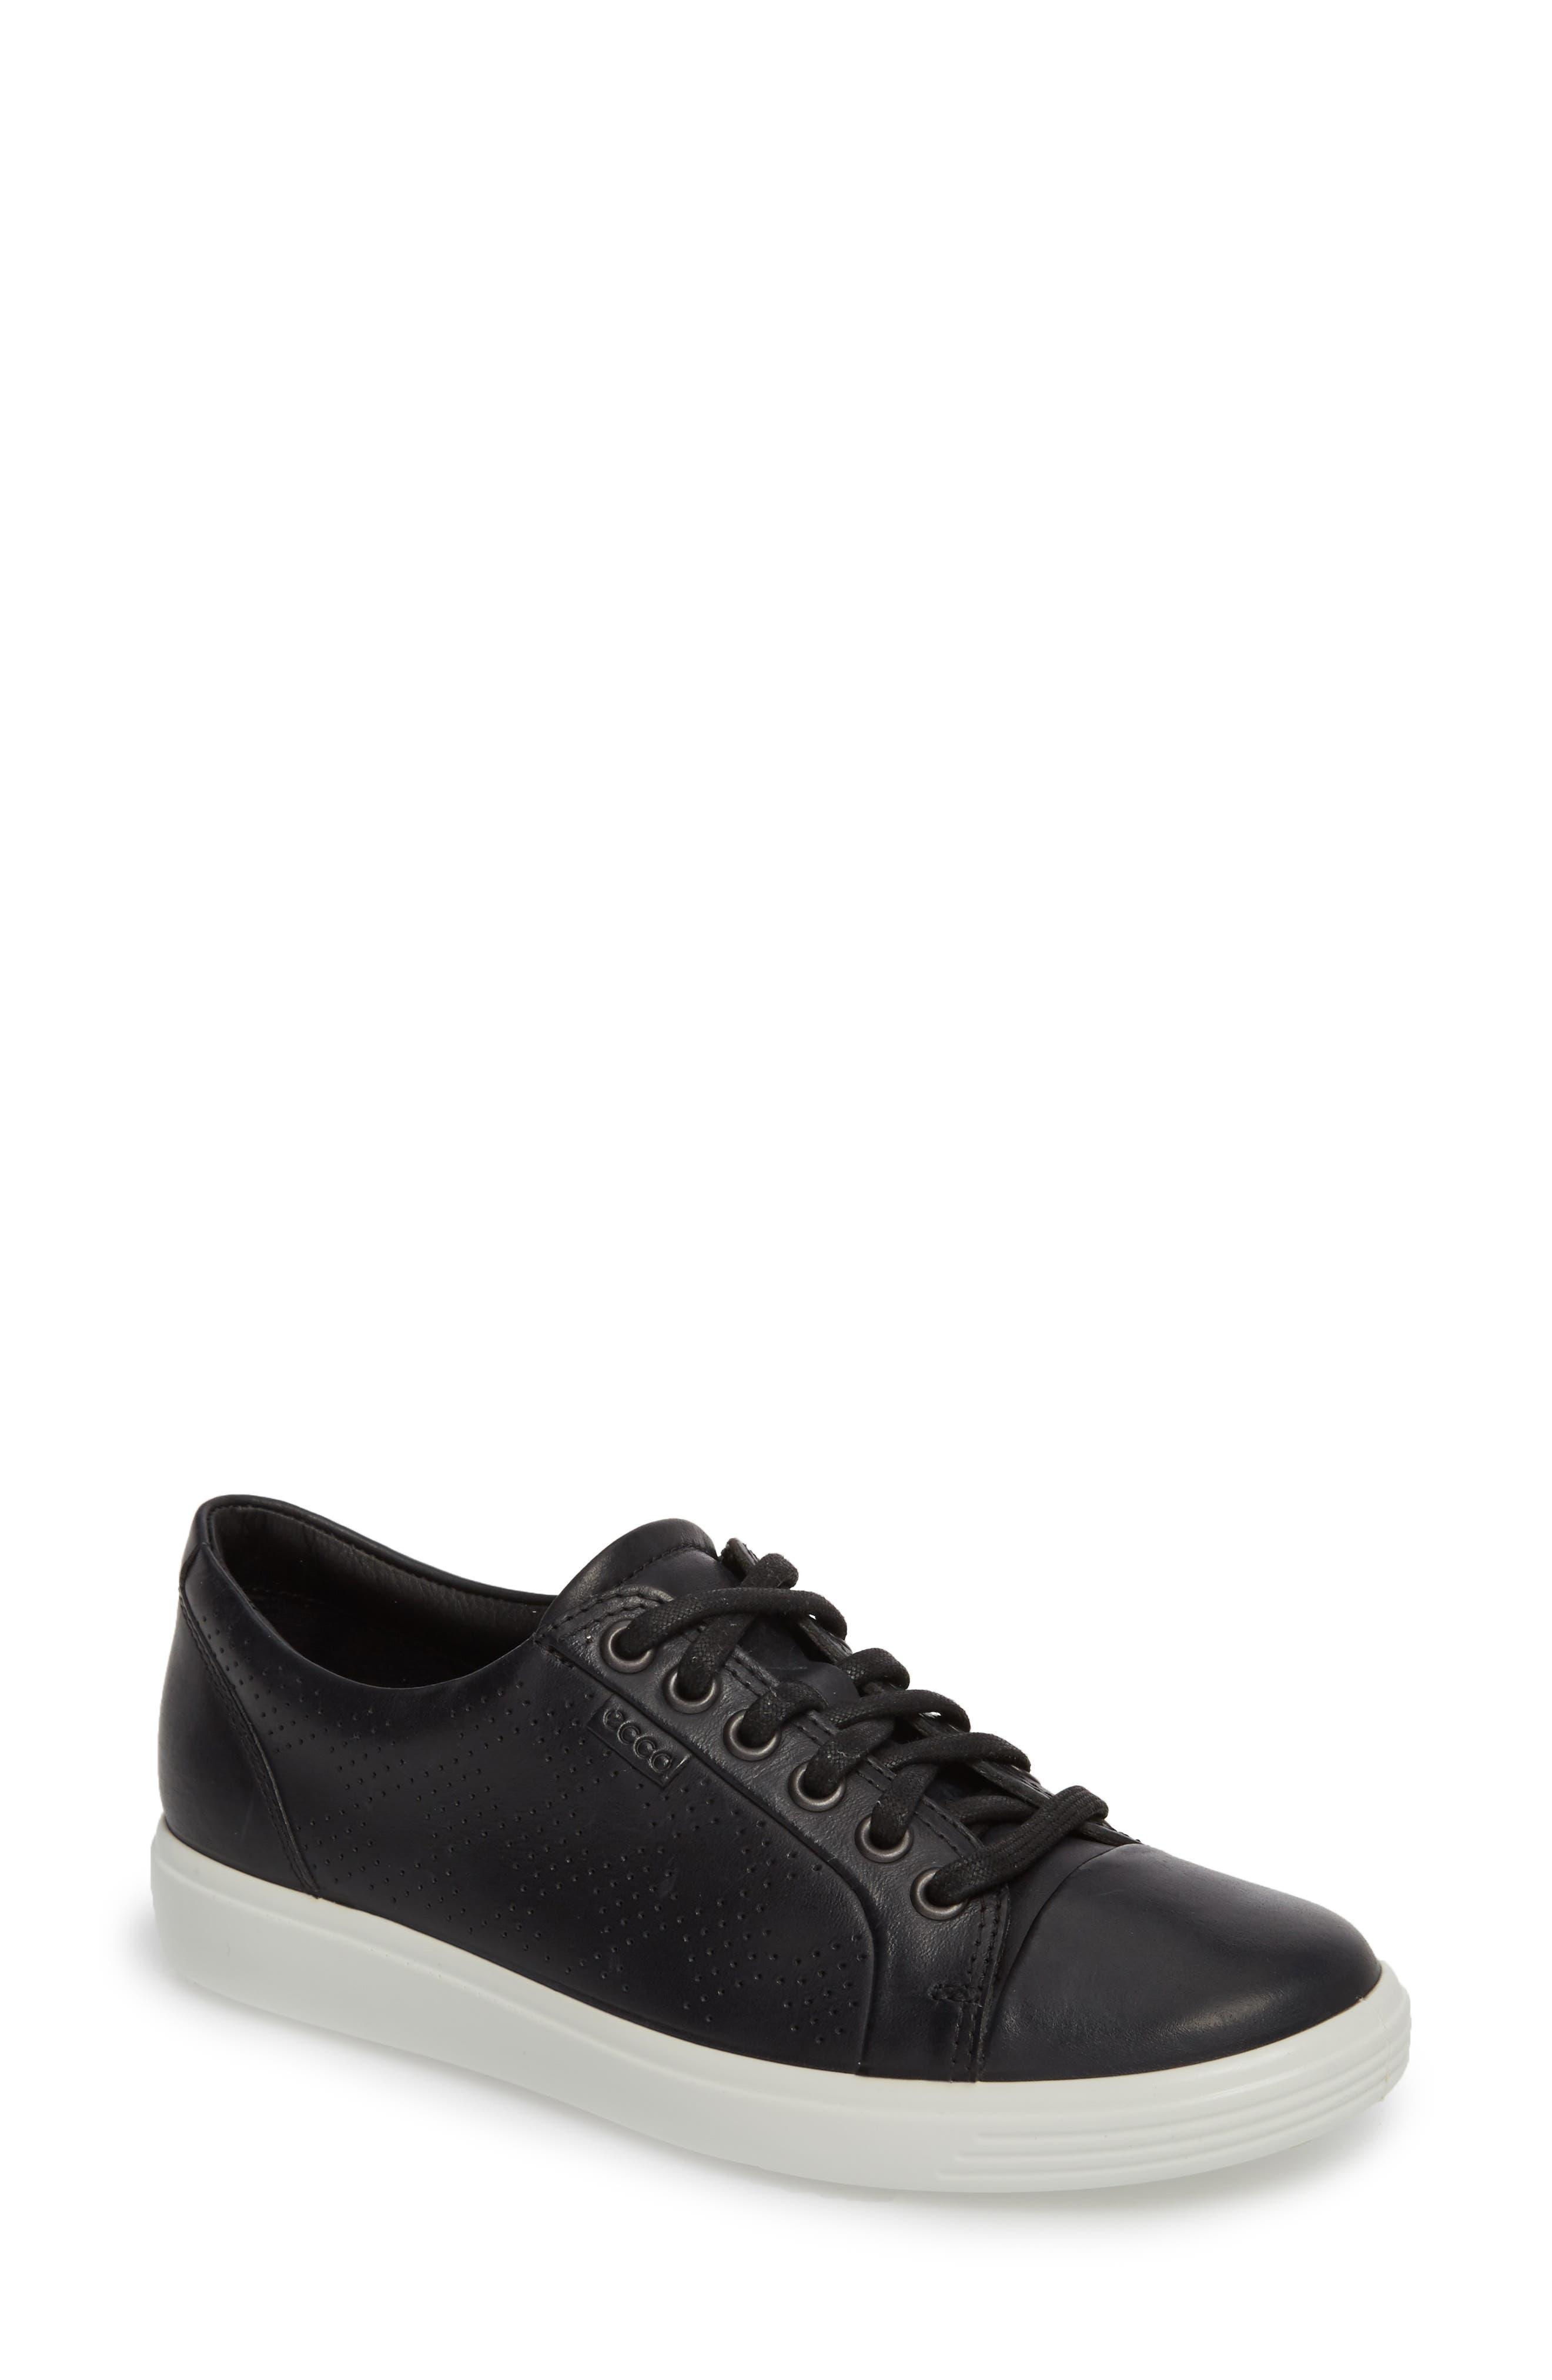 ECCO Soft 7 Sneaker (Women)